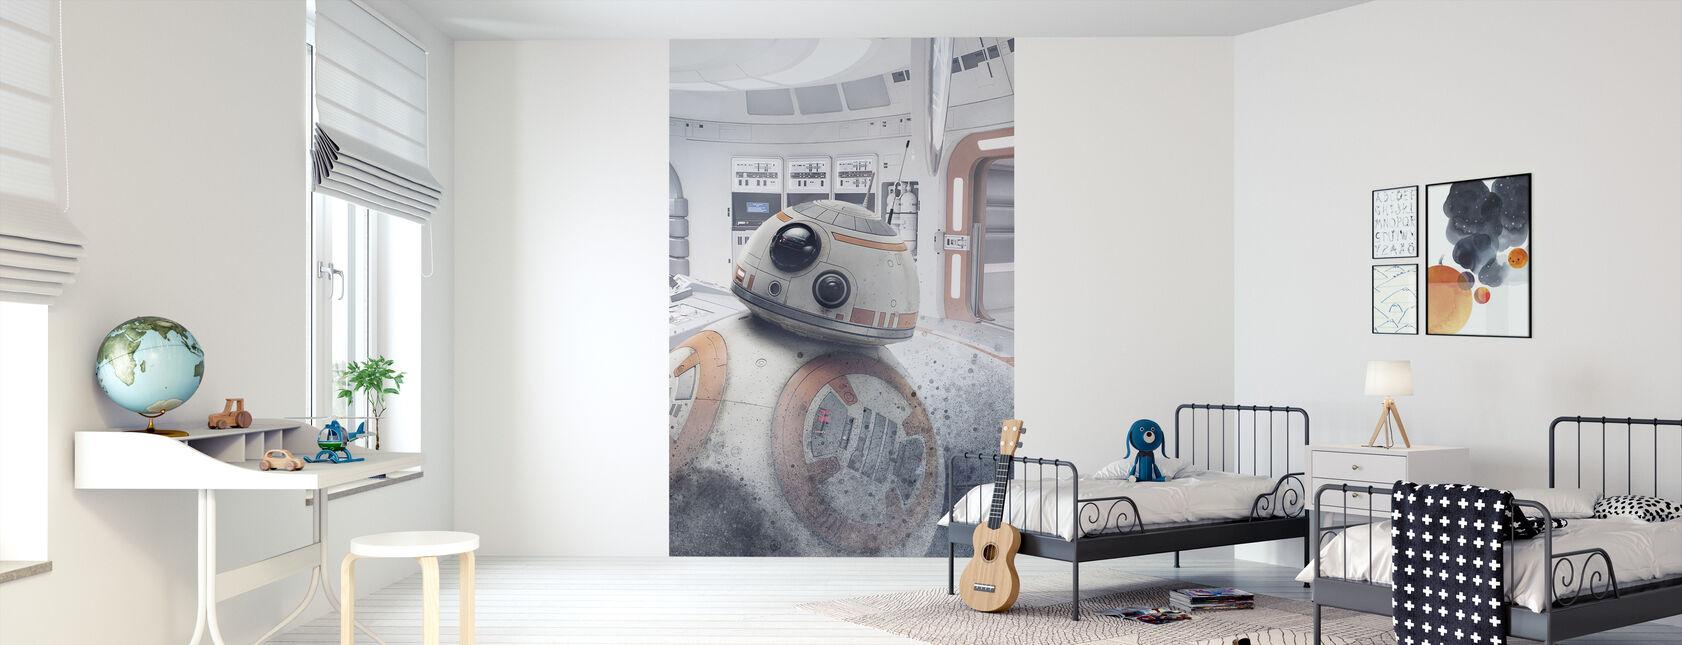 Star Wars - BB-8 Astromech Droid - Tapet - Barnerom